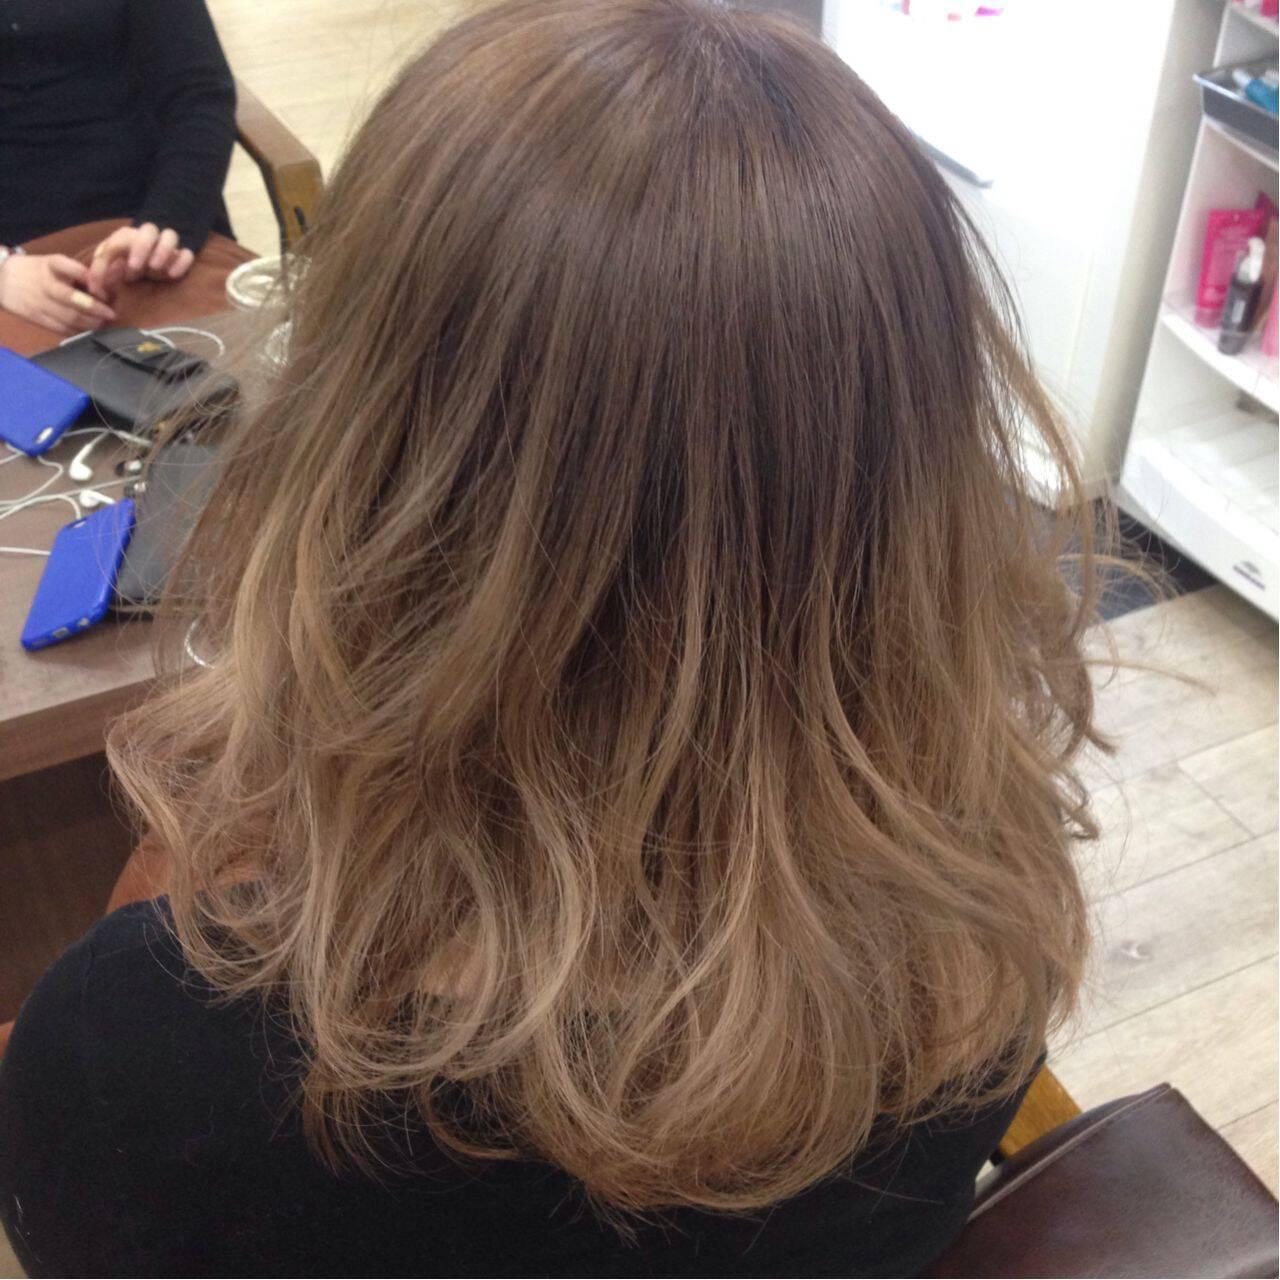 グラデーションカラー ボブ ダブルカラー アッシュベージュヘアスタイルや髪型の写真・画像